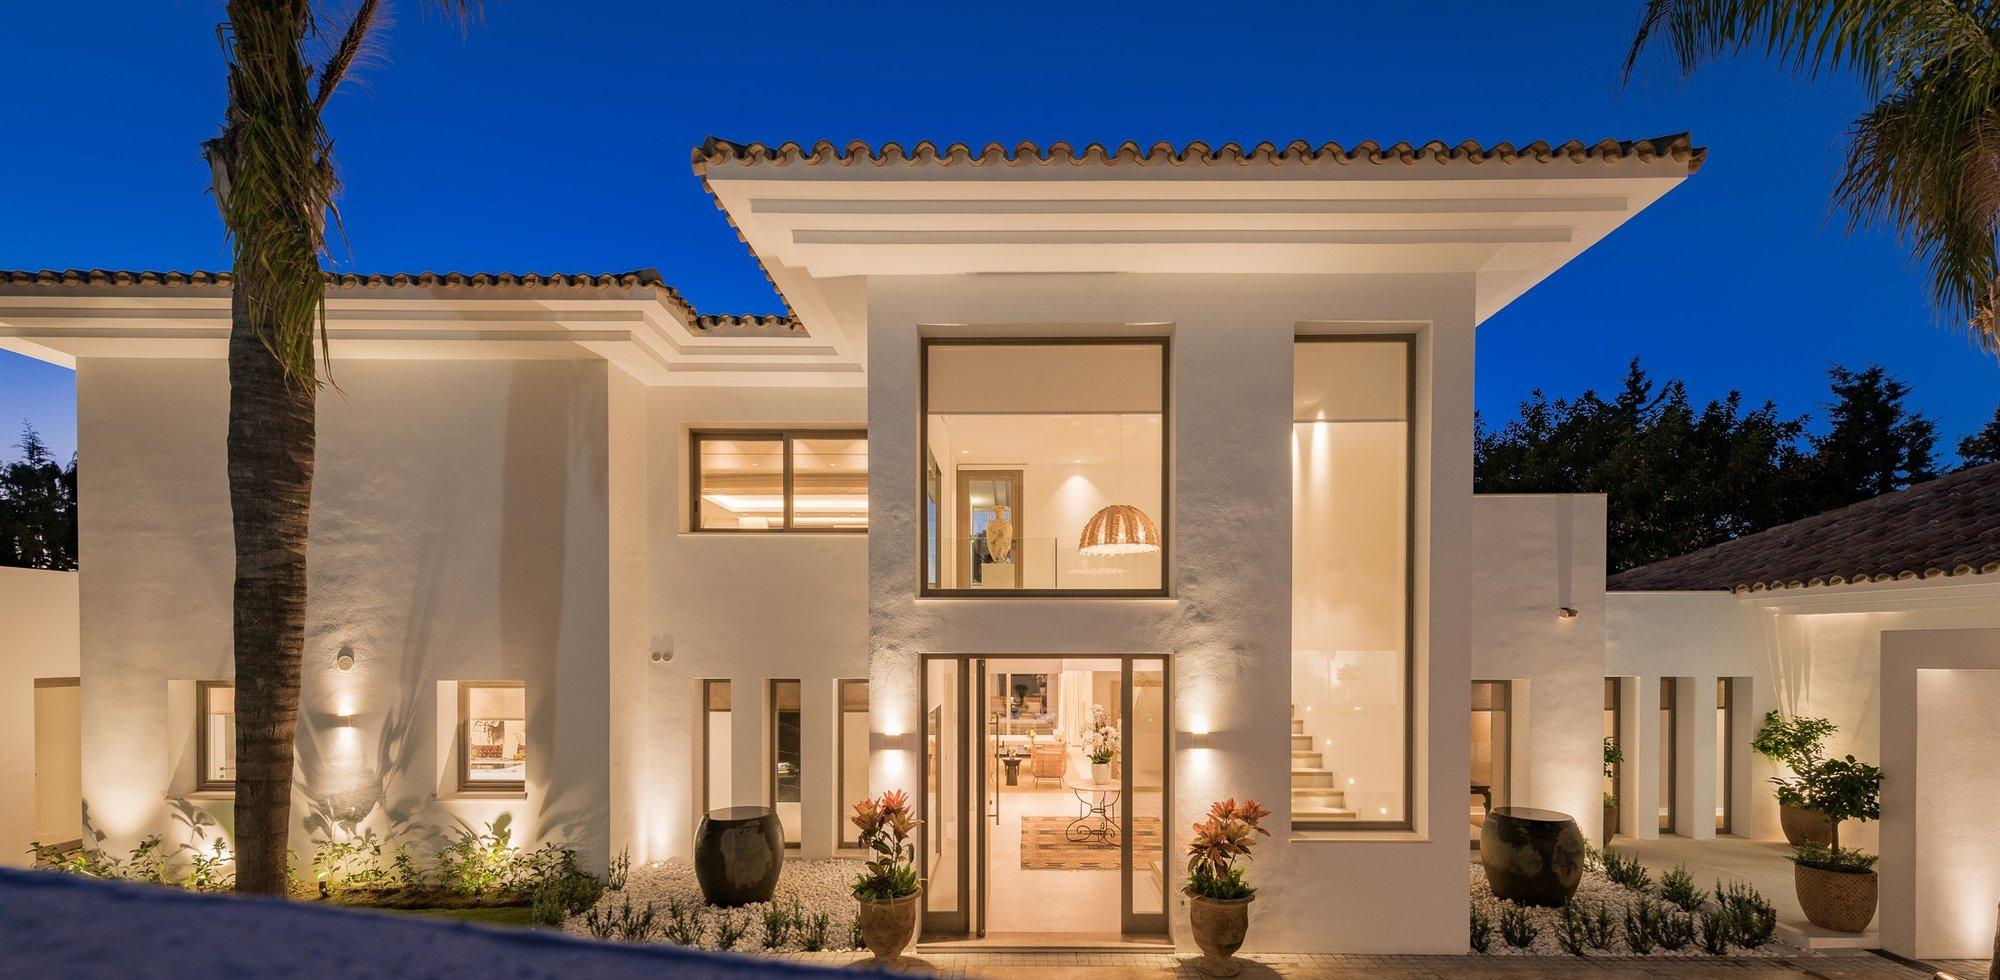 Villa for sale in Estepona, El Paraiso